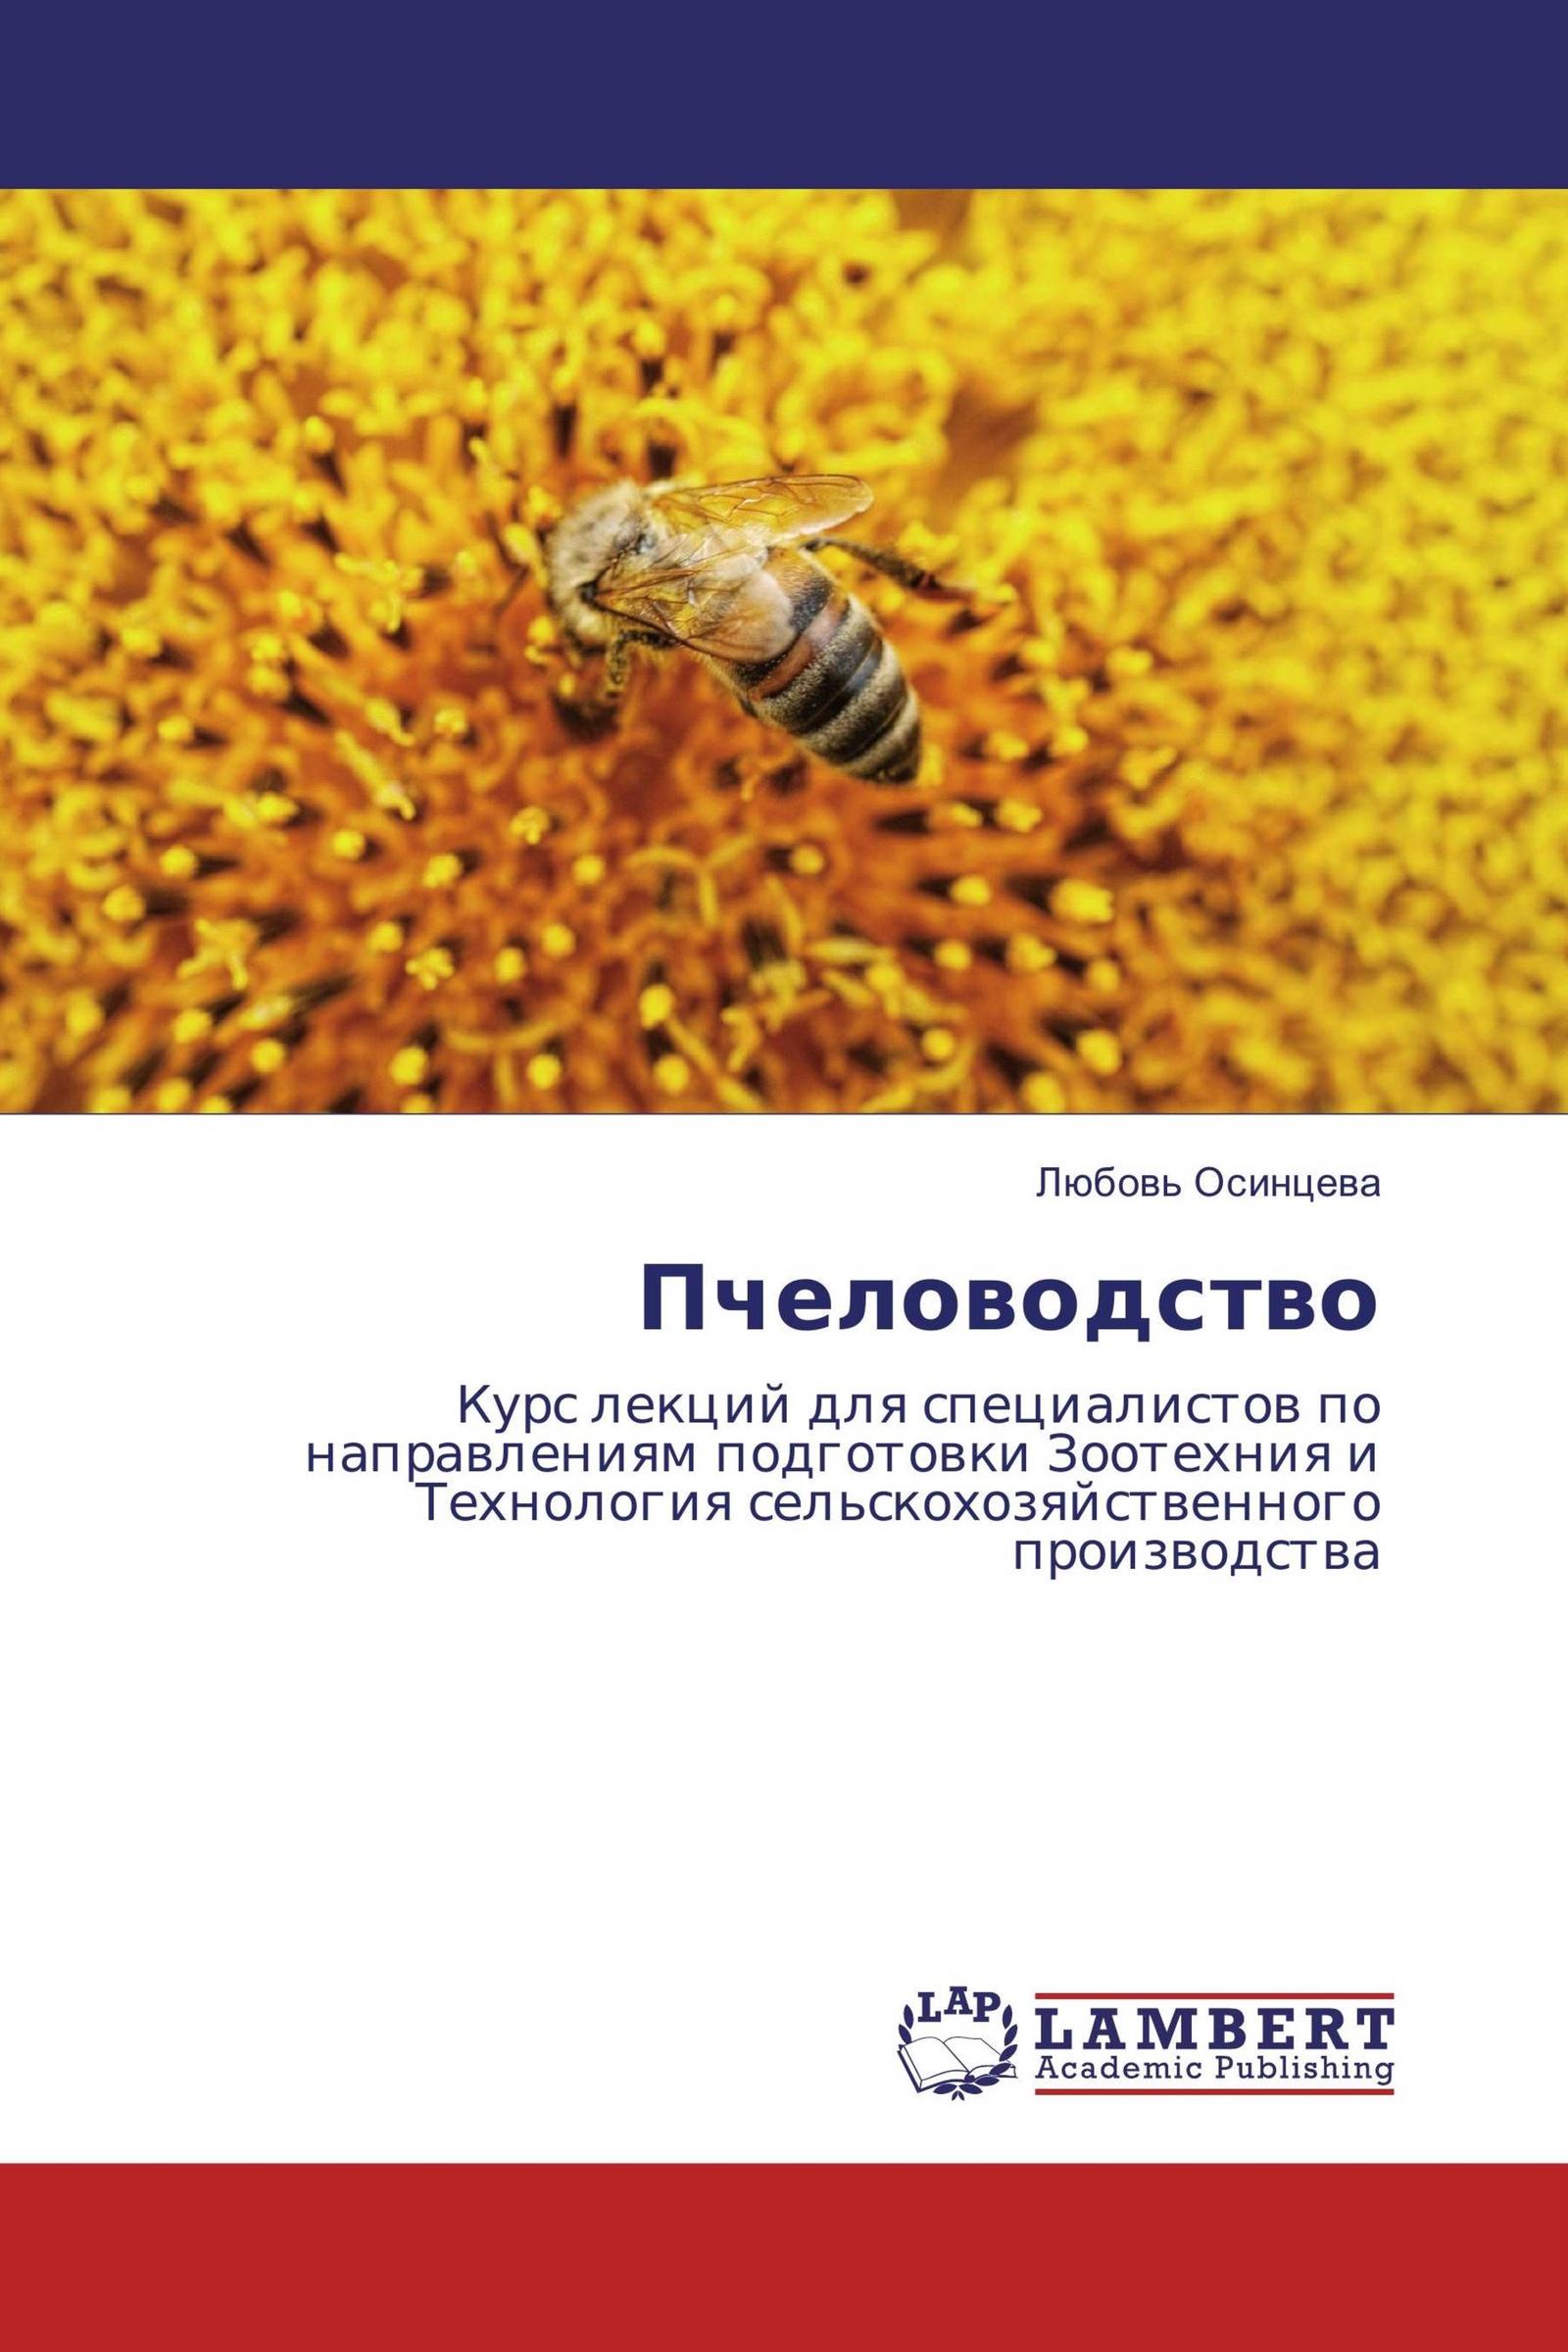 Любовь Осинцева Пчеловодство